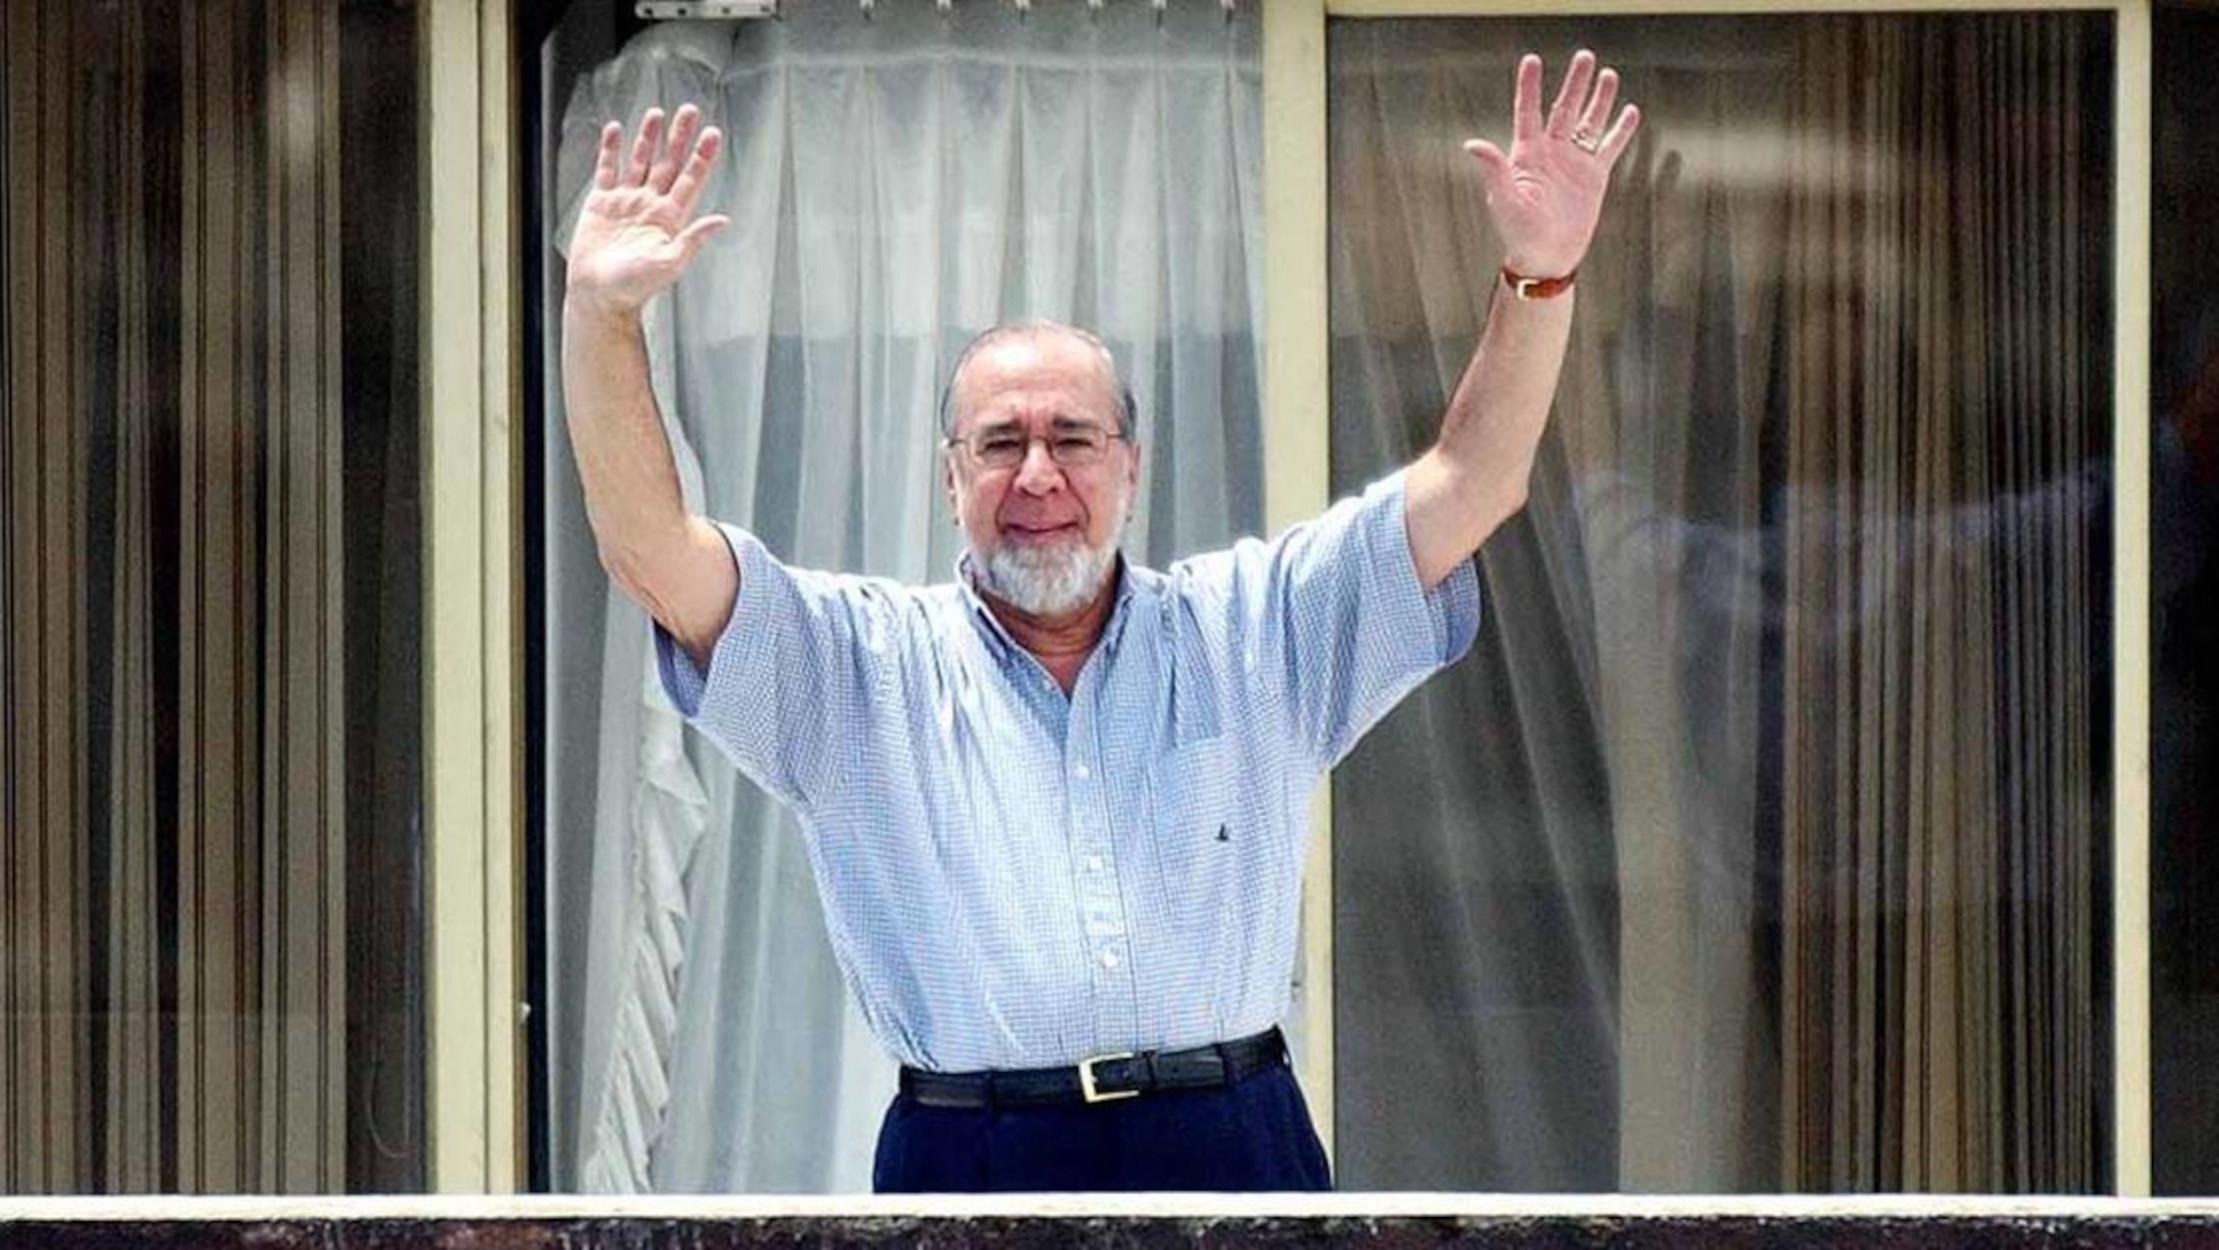 Εκουαδόρ: Πέθανε ο πρώην πρόεδρος Γκουστάβο Νομπόα